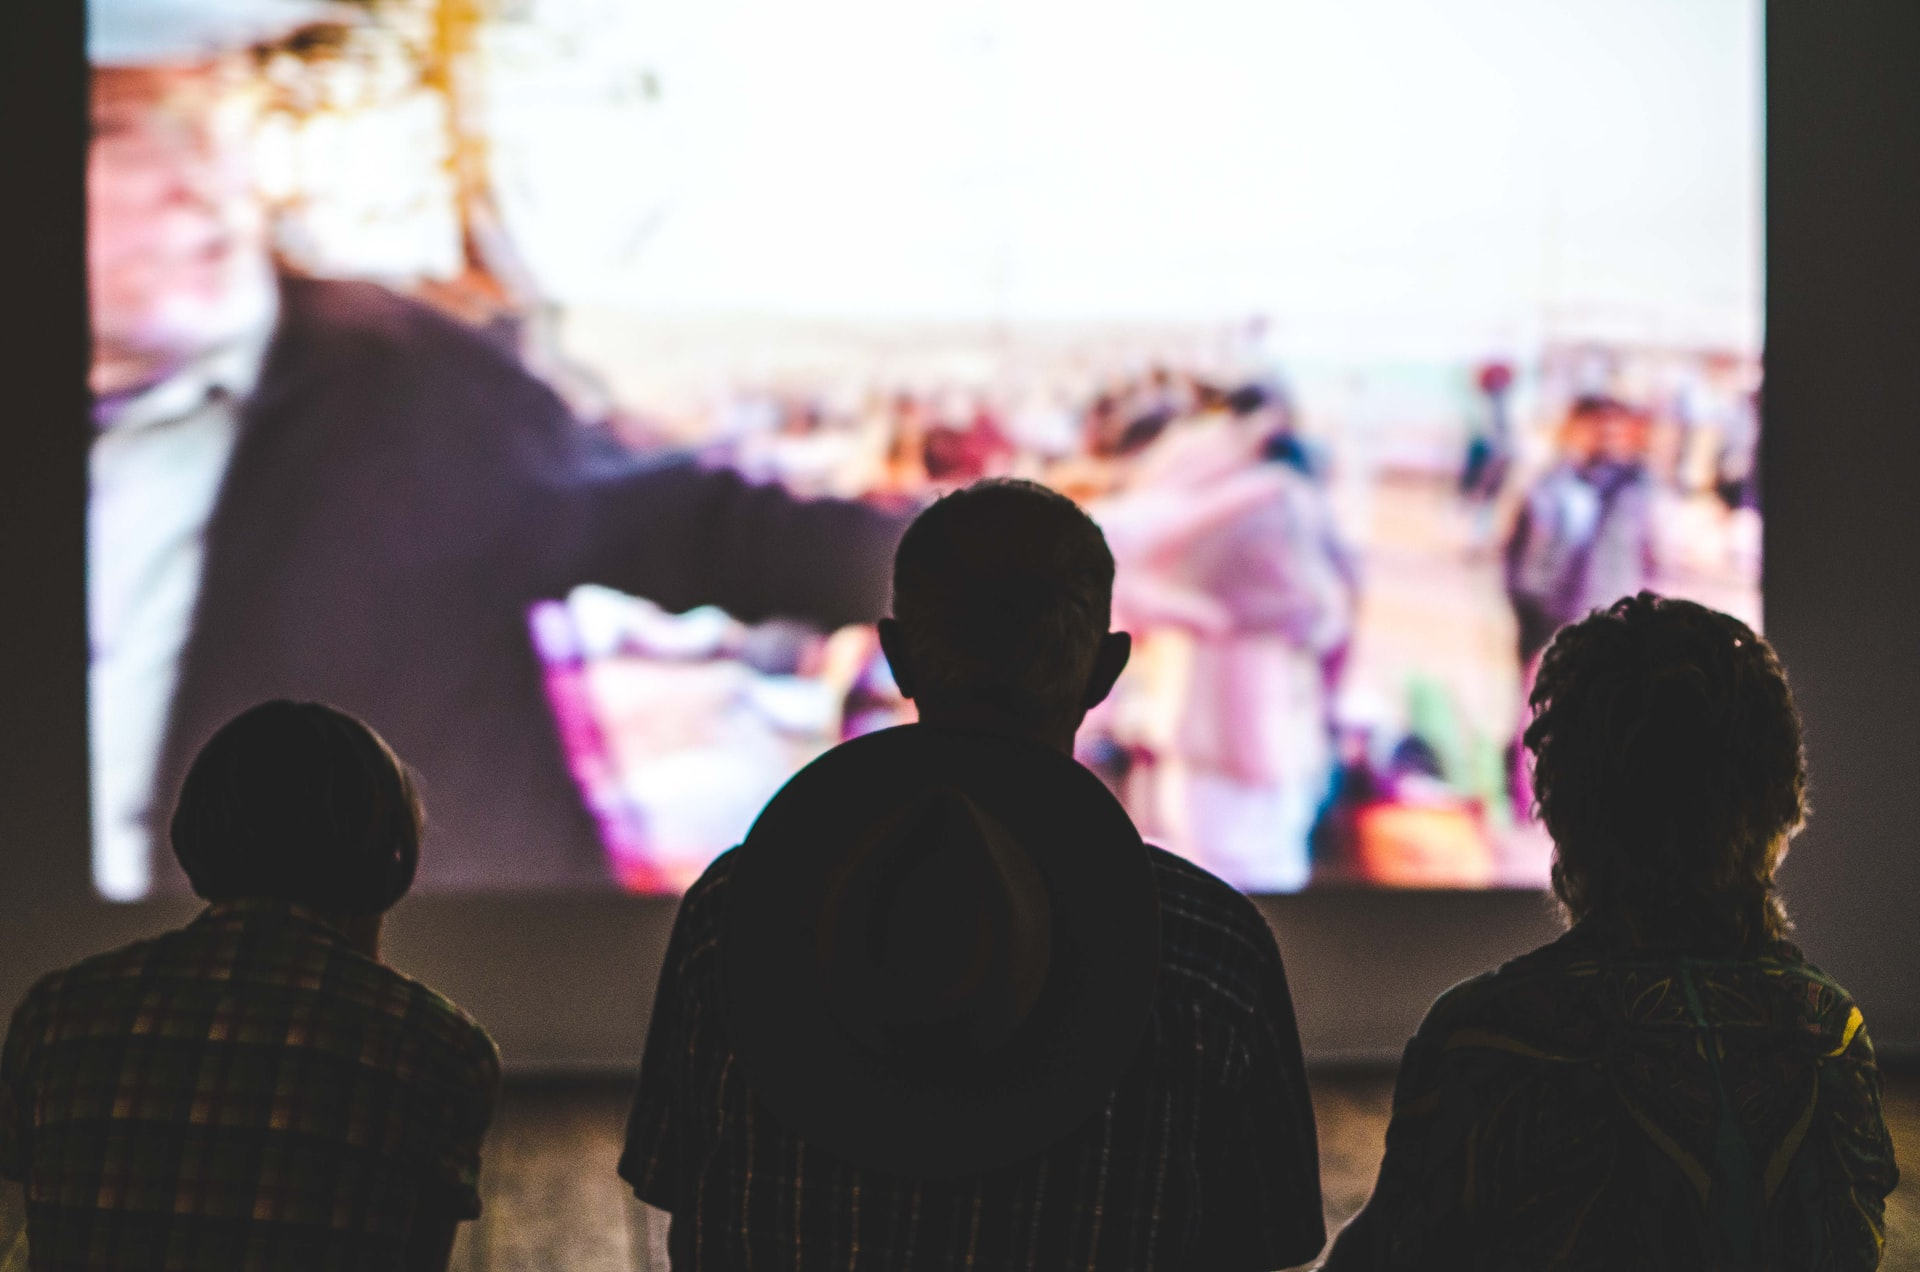 映画のスクリーンを観る子供たち